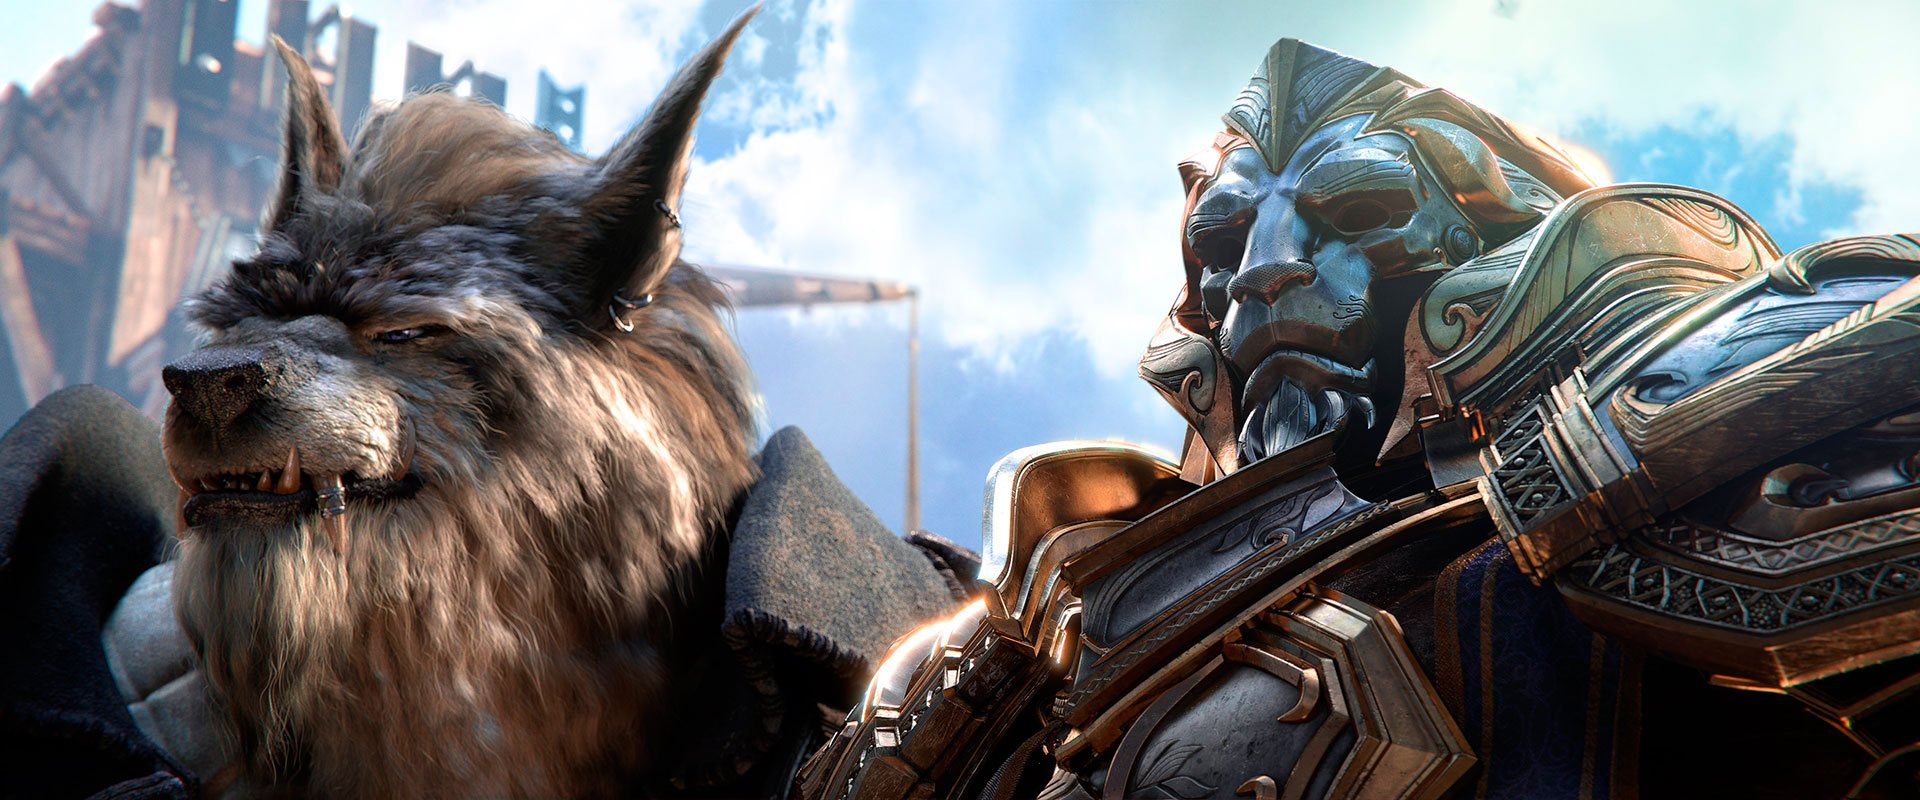 World Of Warcraft Presenta Su Nueva Expansión Battle For Azeroth